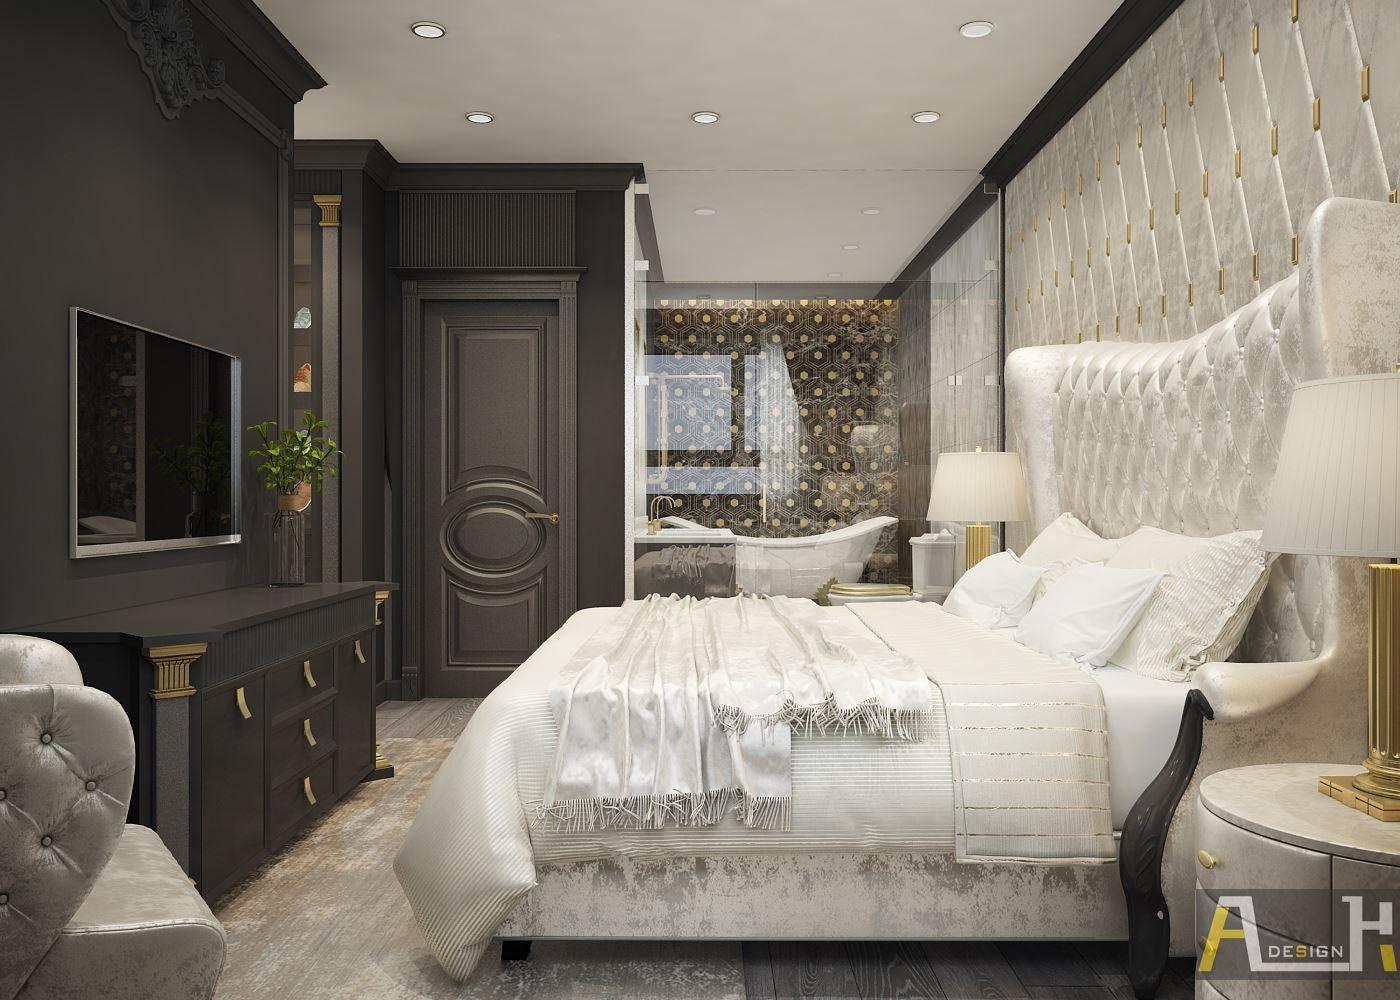 Thiết kế nội thất căn hộ 90m2 The Gokd View